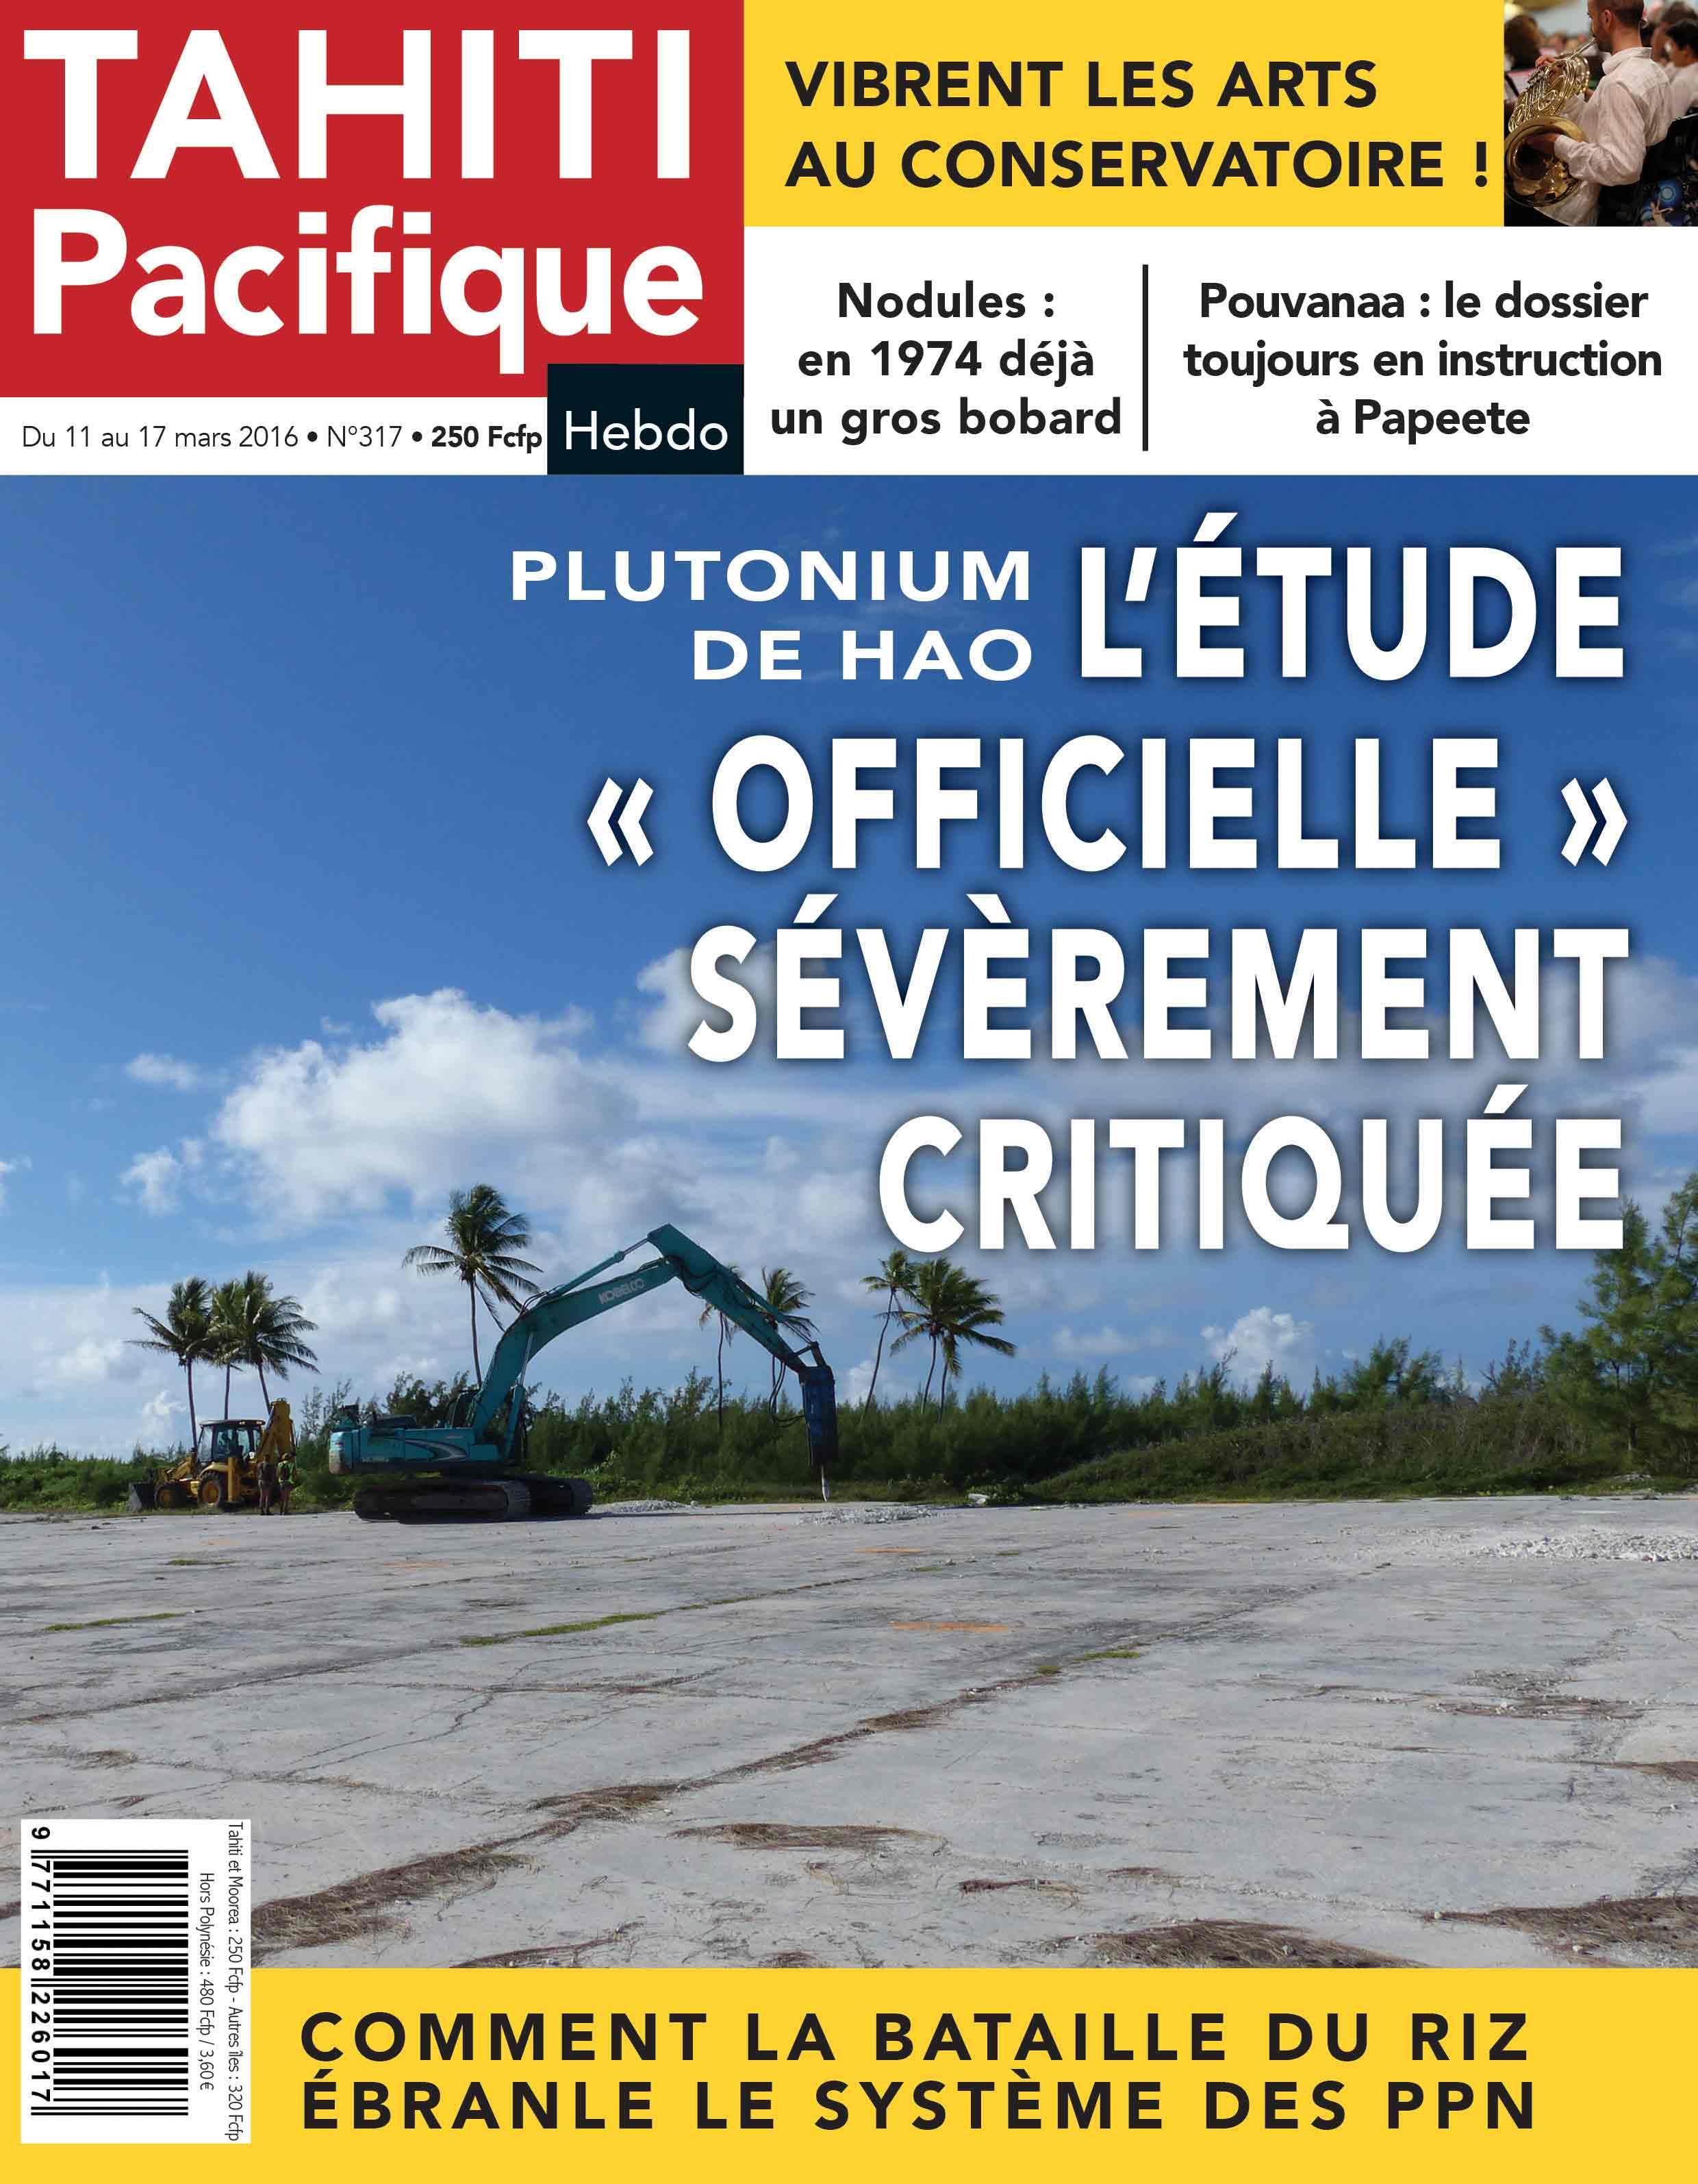 A la Une de Tahiti Pacifique Hebdo :